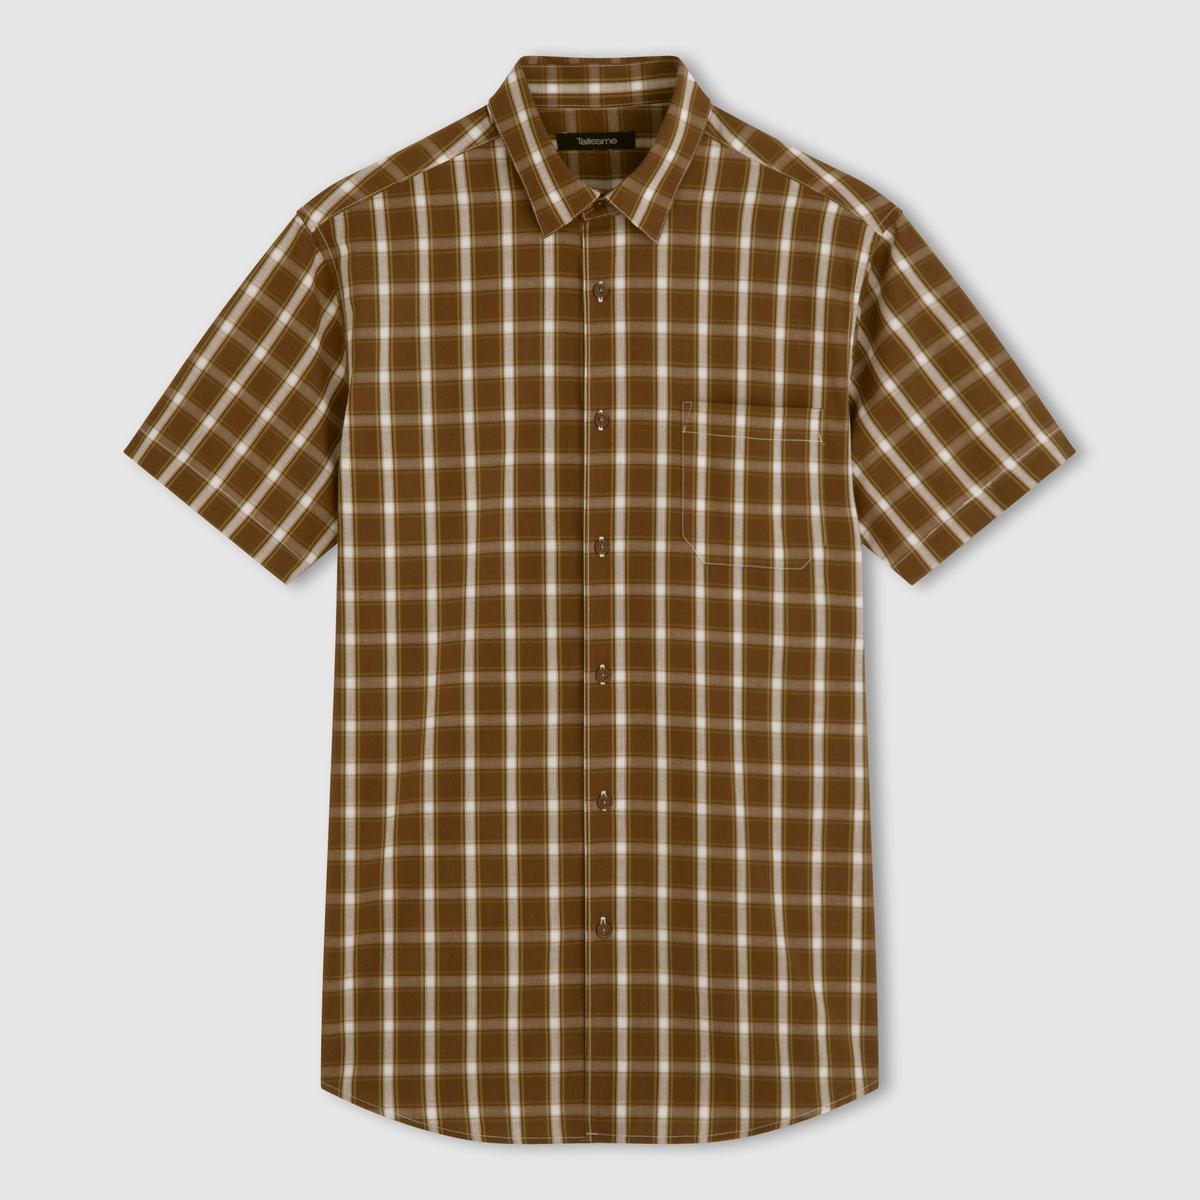 Рубашка с короткими рукавами, 100% хлопкаМодель в клетку. Короткие рукава. 1 накладной нагрудный карман. 2 складки сзади для большего комфорта. Свободные уголки воротника. 100% хлопка из цветных нитей. Длина 85 см. Обратите внимание, что бренд Taillissime создан для высоких, крупных мужчин с тенденцией к полноте. Чтобы узнать подходящий вам размер, сверьтесь с таблицей больших размеров на сайте.<br><br>Цвет: каштановый / зеленый<br>Размер: 45/46